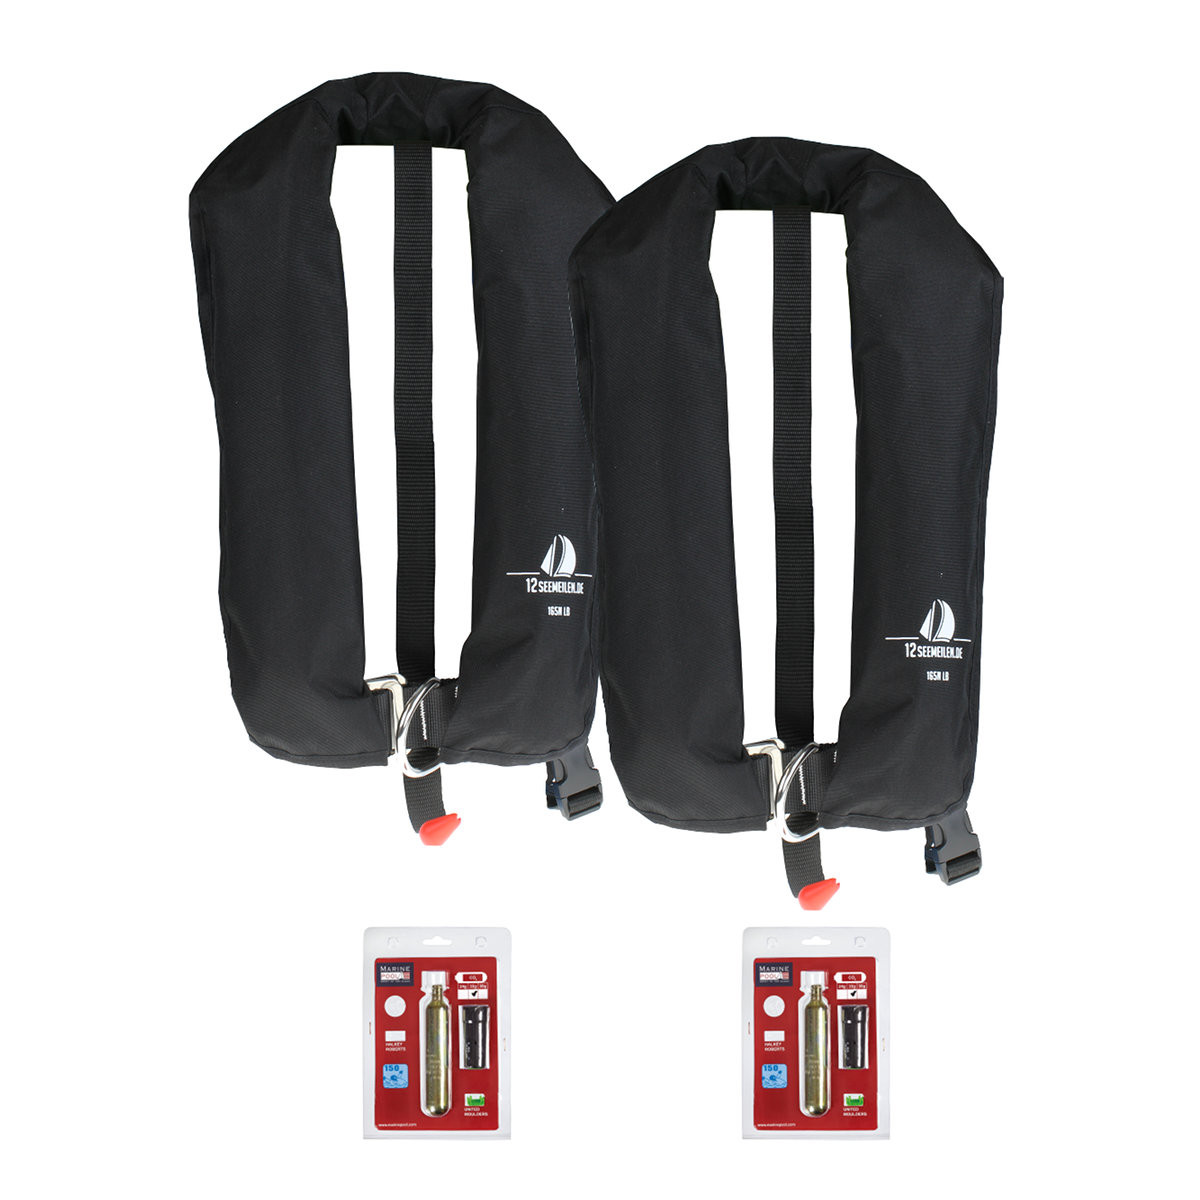 Set van 2: 12skipper automatisch reddingsvest 165N ISO met harnas, zwart, en herlaadset